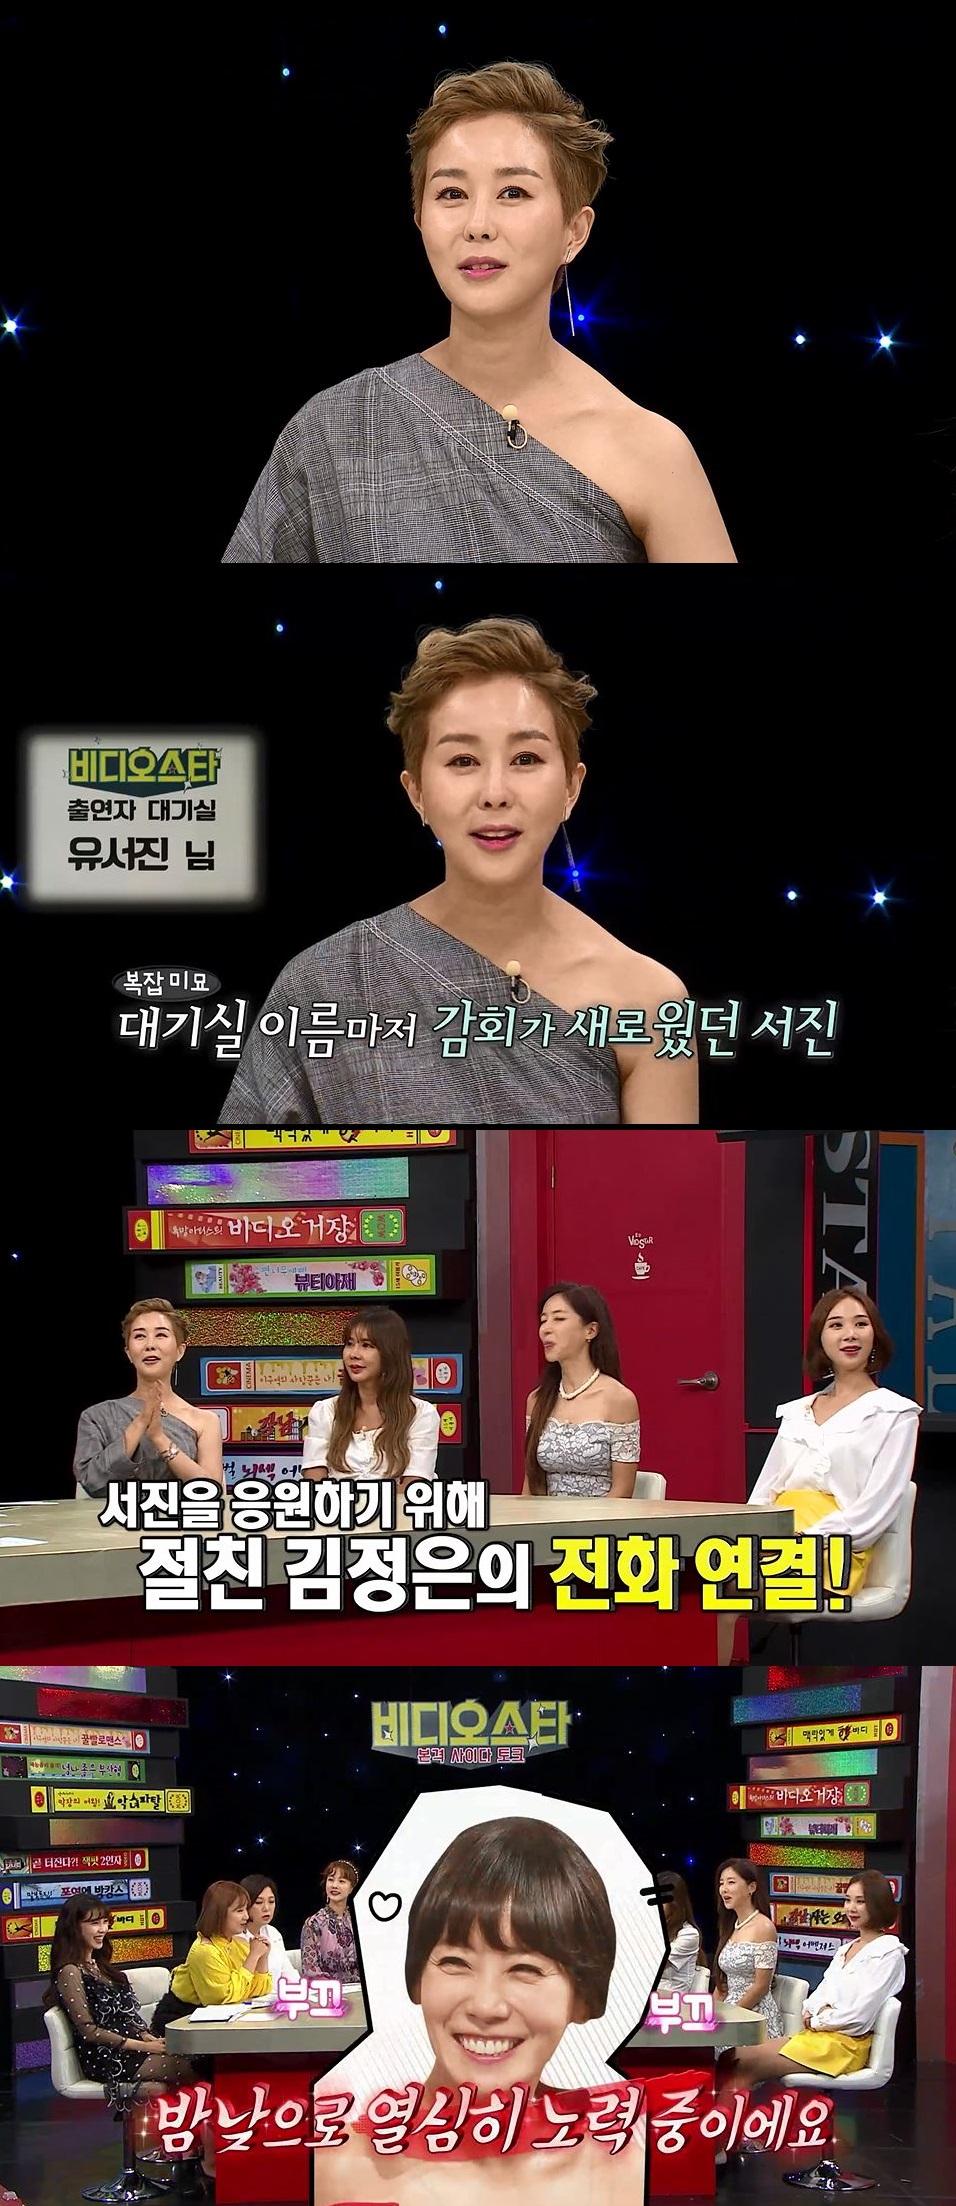 <비디오스타> 대기만성현 스타 유서진, 절친 '김정은'과 통화연결!